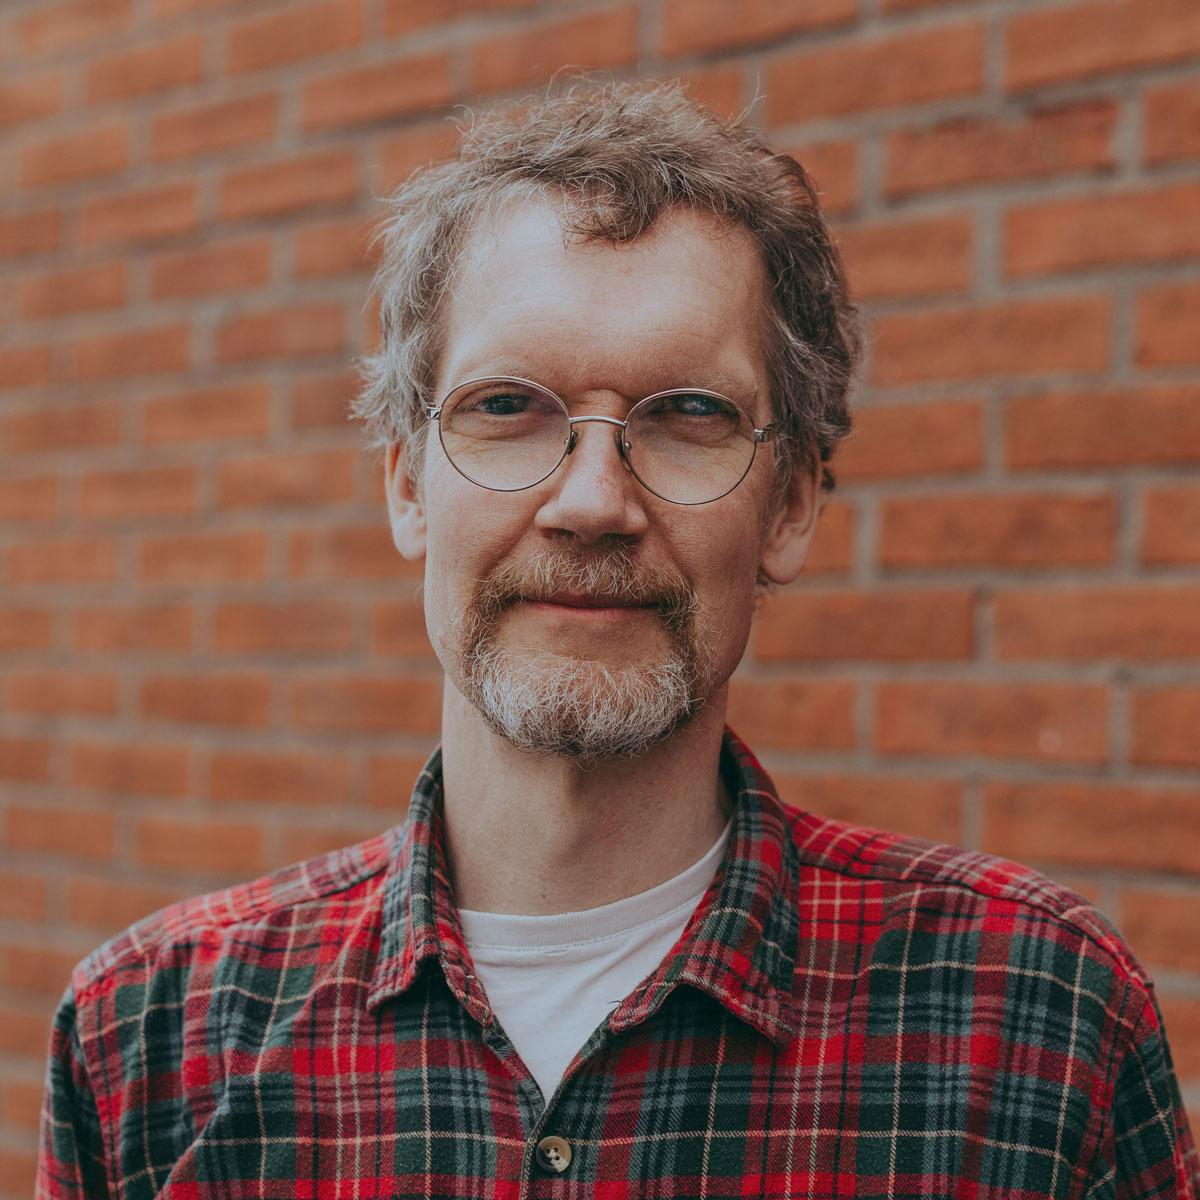 Östen Eriksson, Vaktmästare Dalkarlså Herrgård